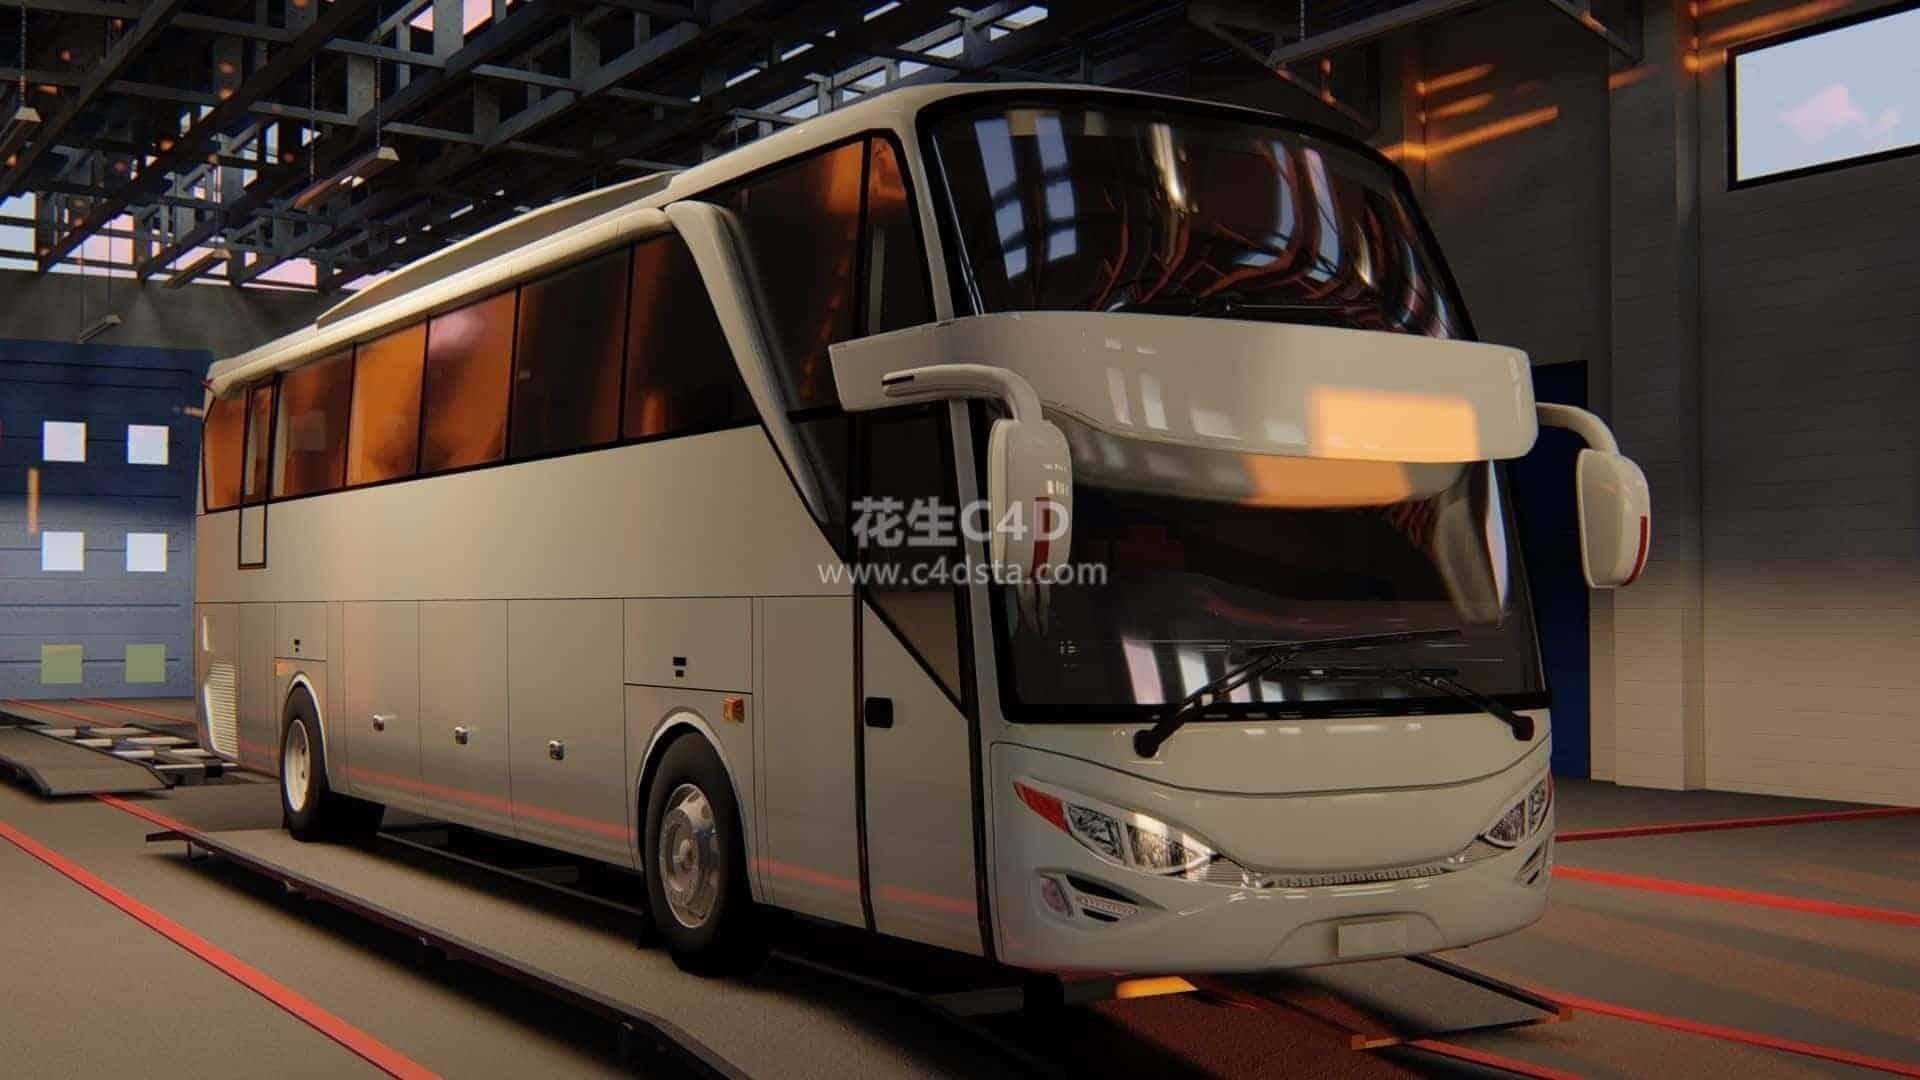 三维模型-大巴车现代公交车长途客运汽车客车模型 626CG资源站